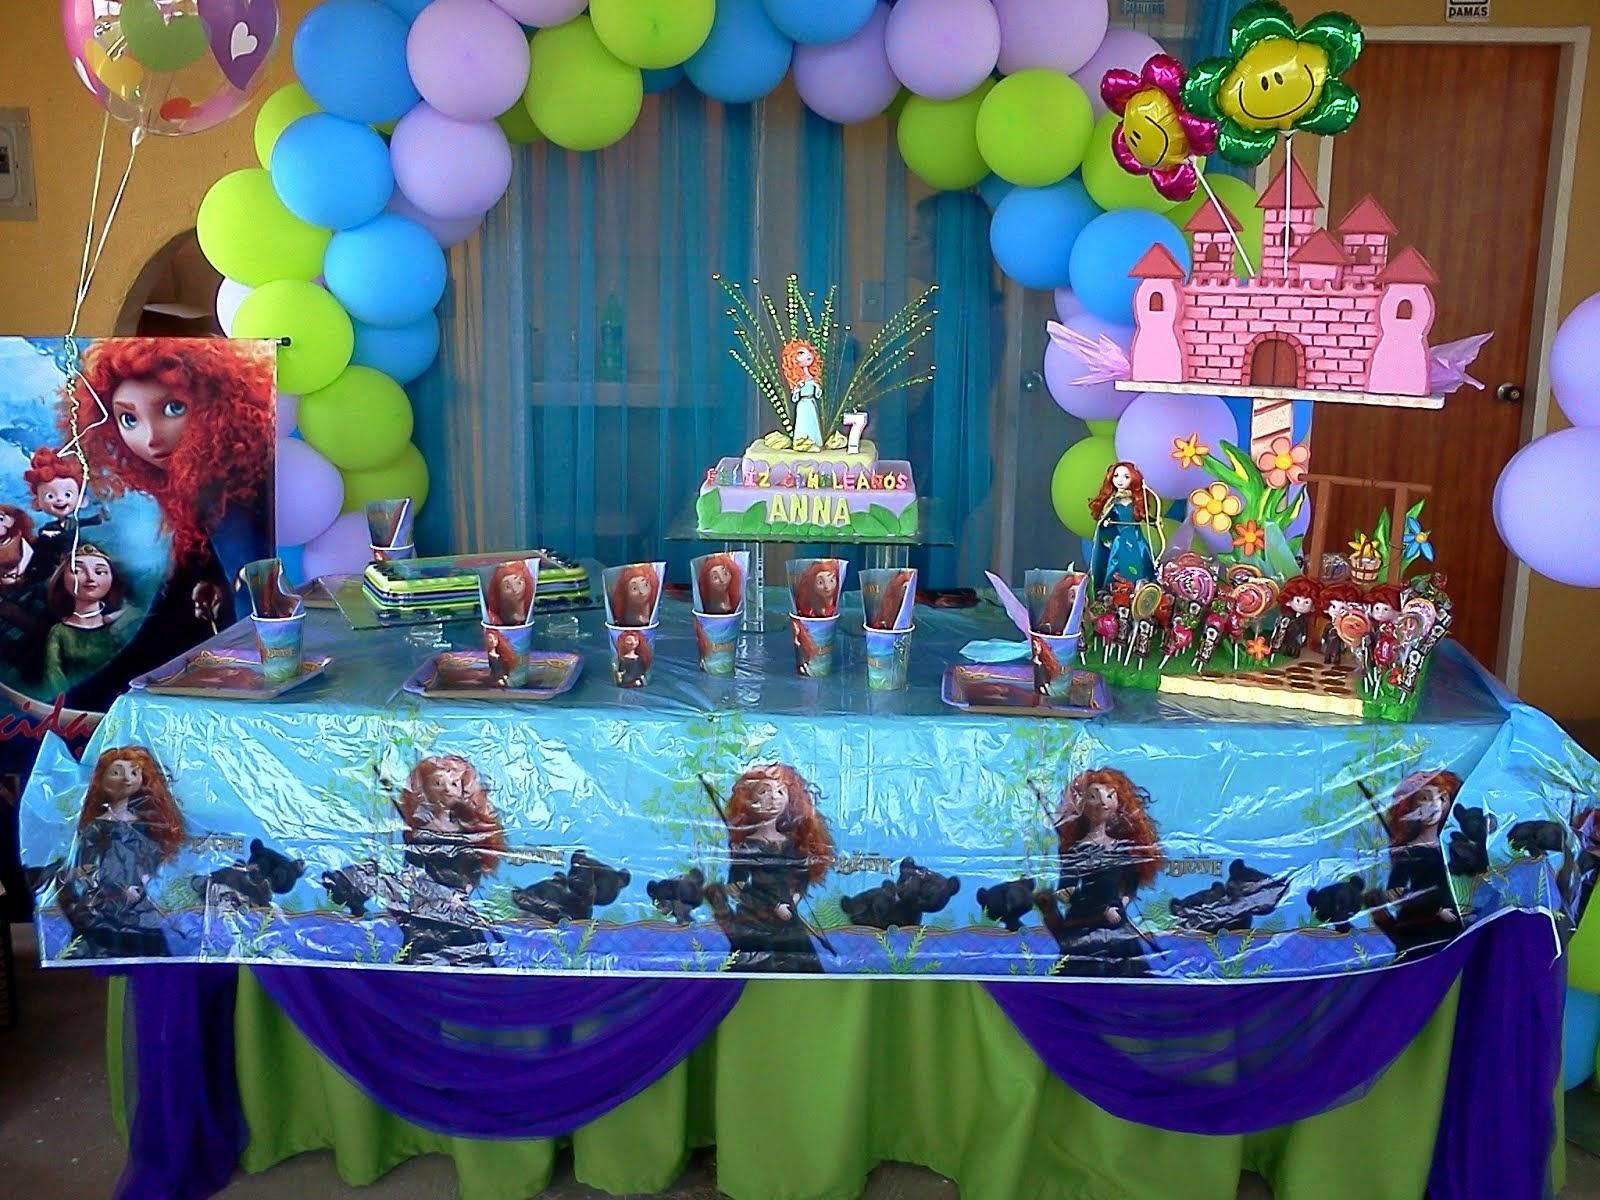 Decoracion de valiente para cumpleanos 29 decoracion - Decoracion fiesta cumpleanos ...